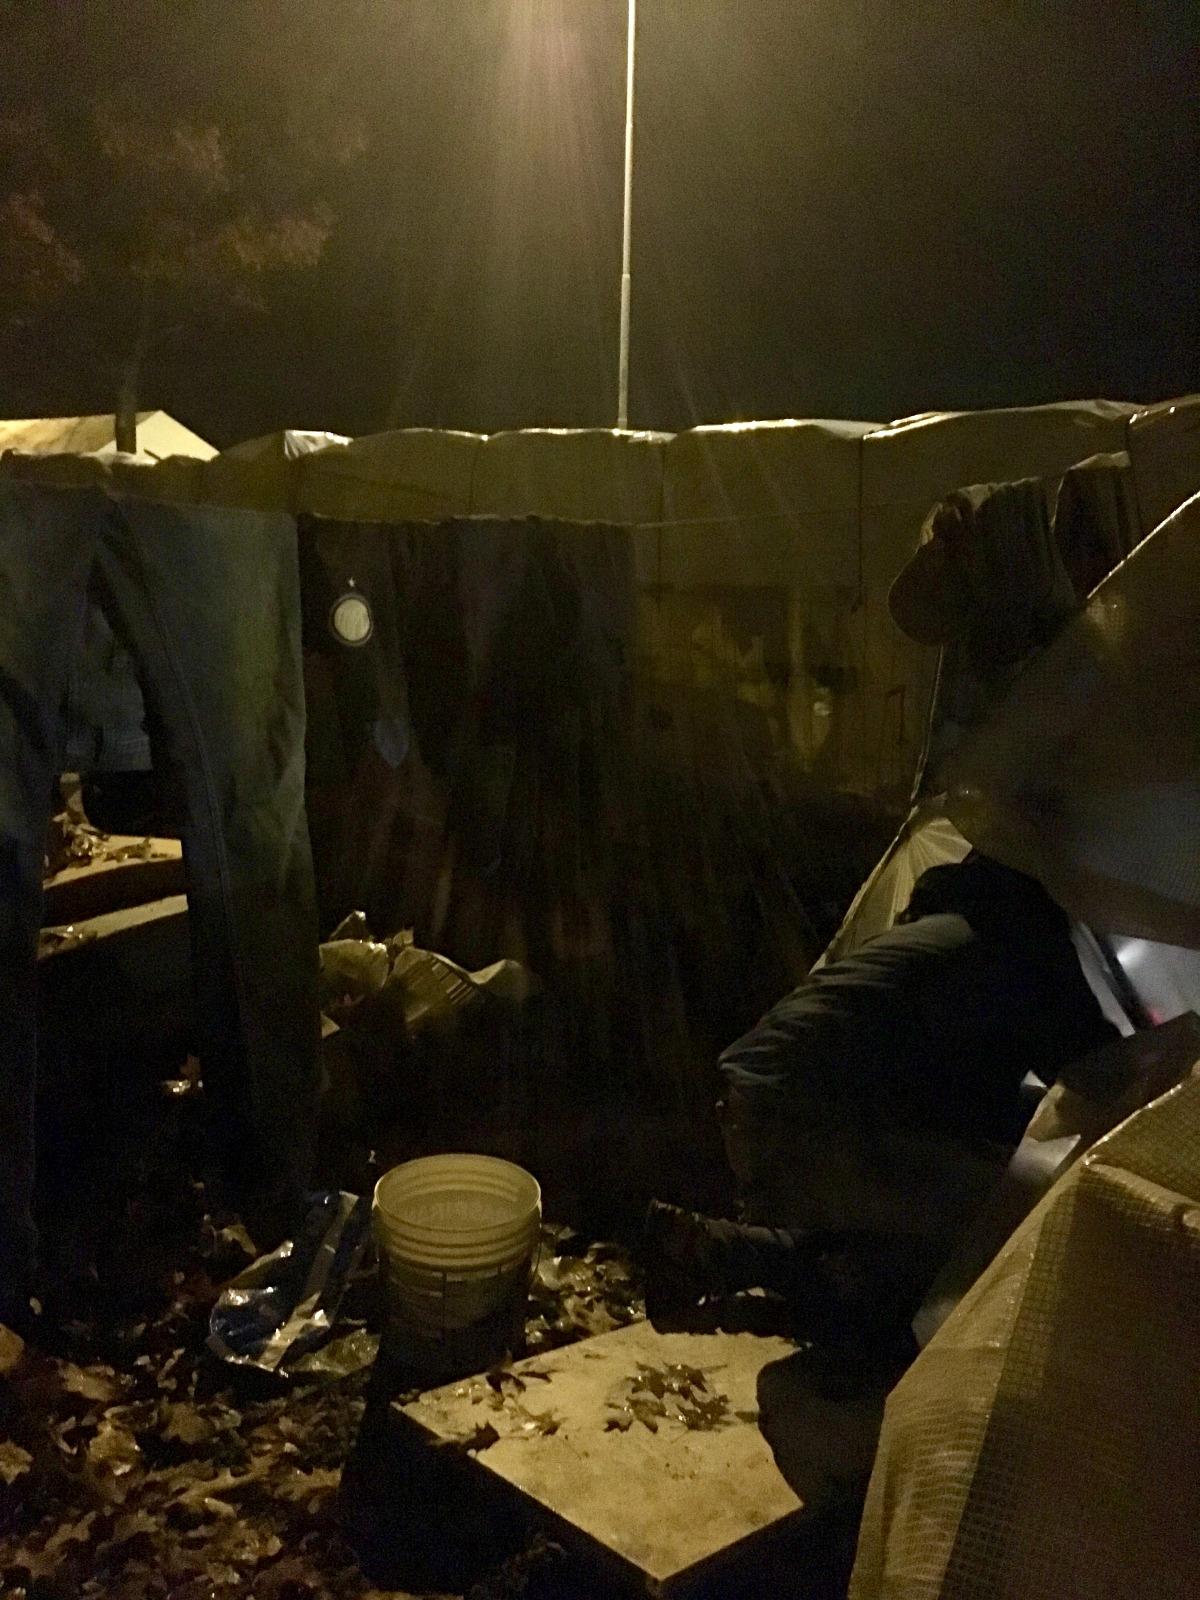 Live10 foro boario saluzzo migrante novembre 2017